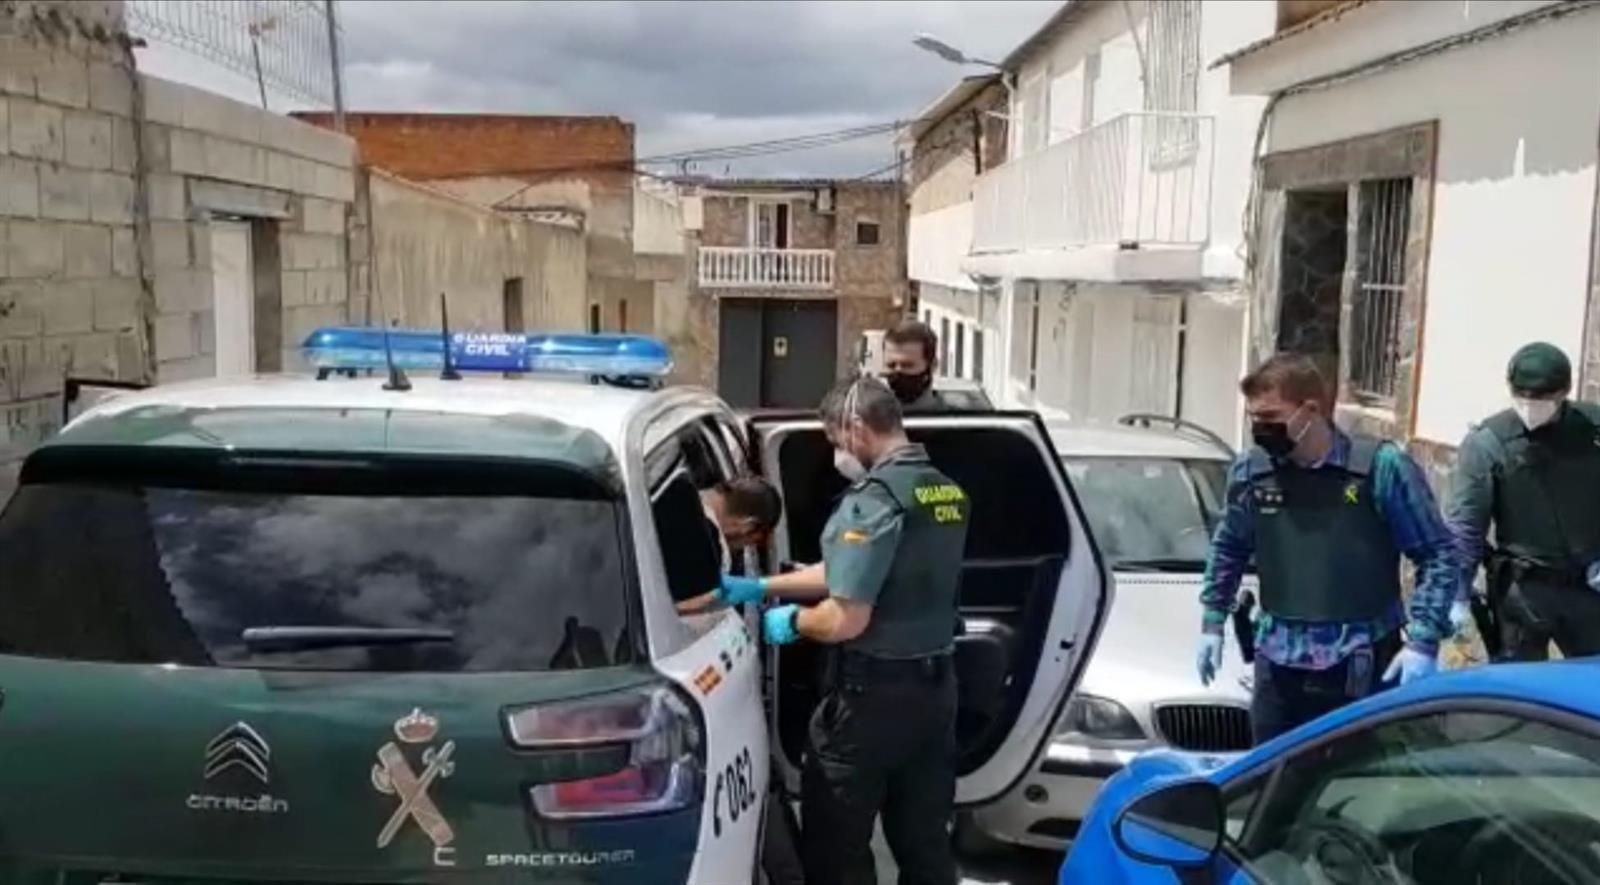 La Guardia Civil detiene a 30 personas en requisitoria durante mayo